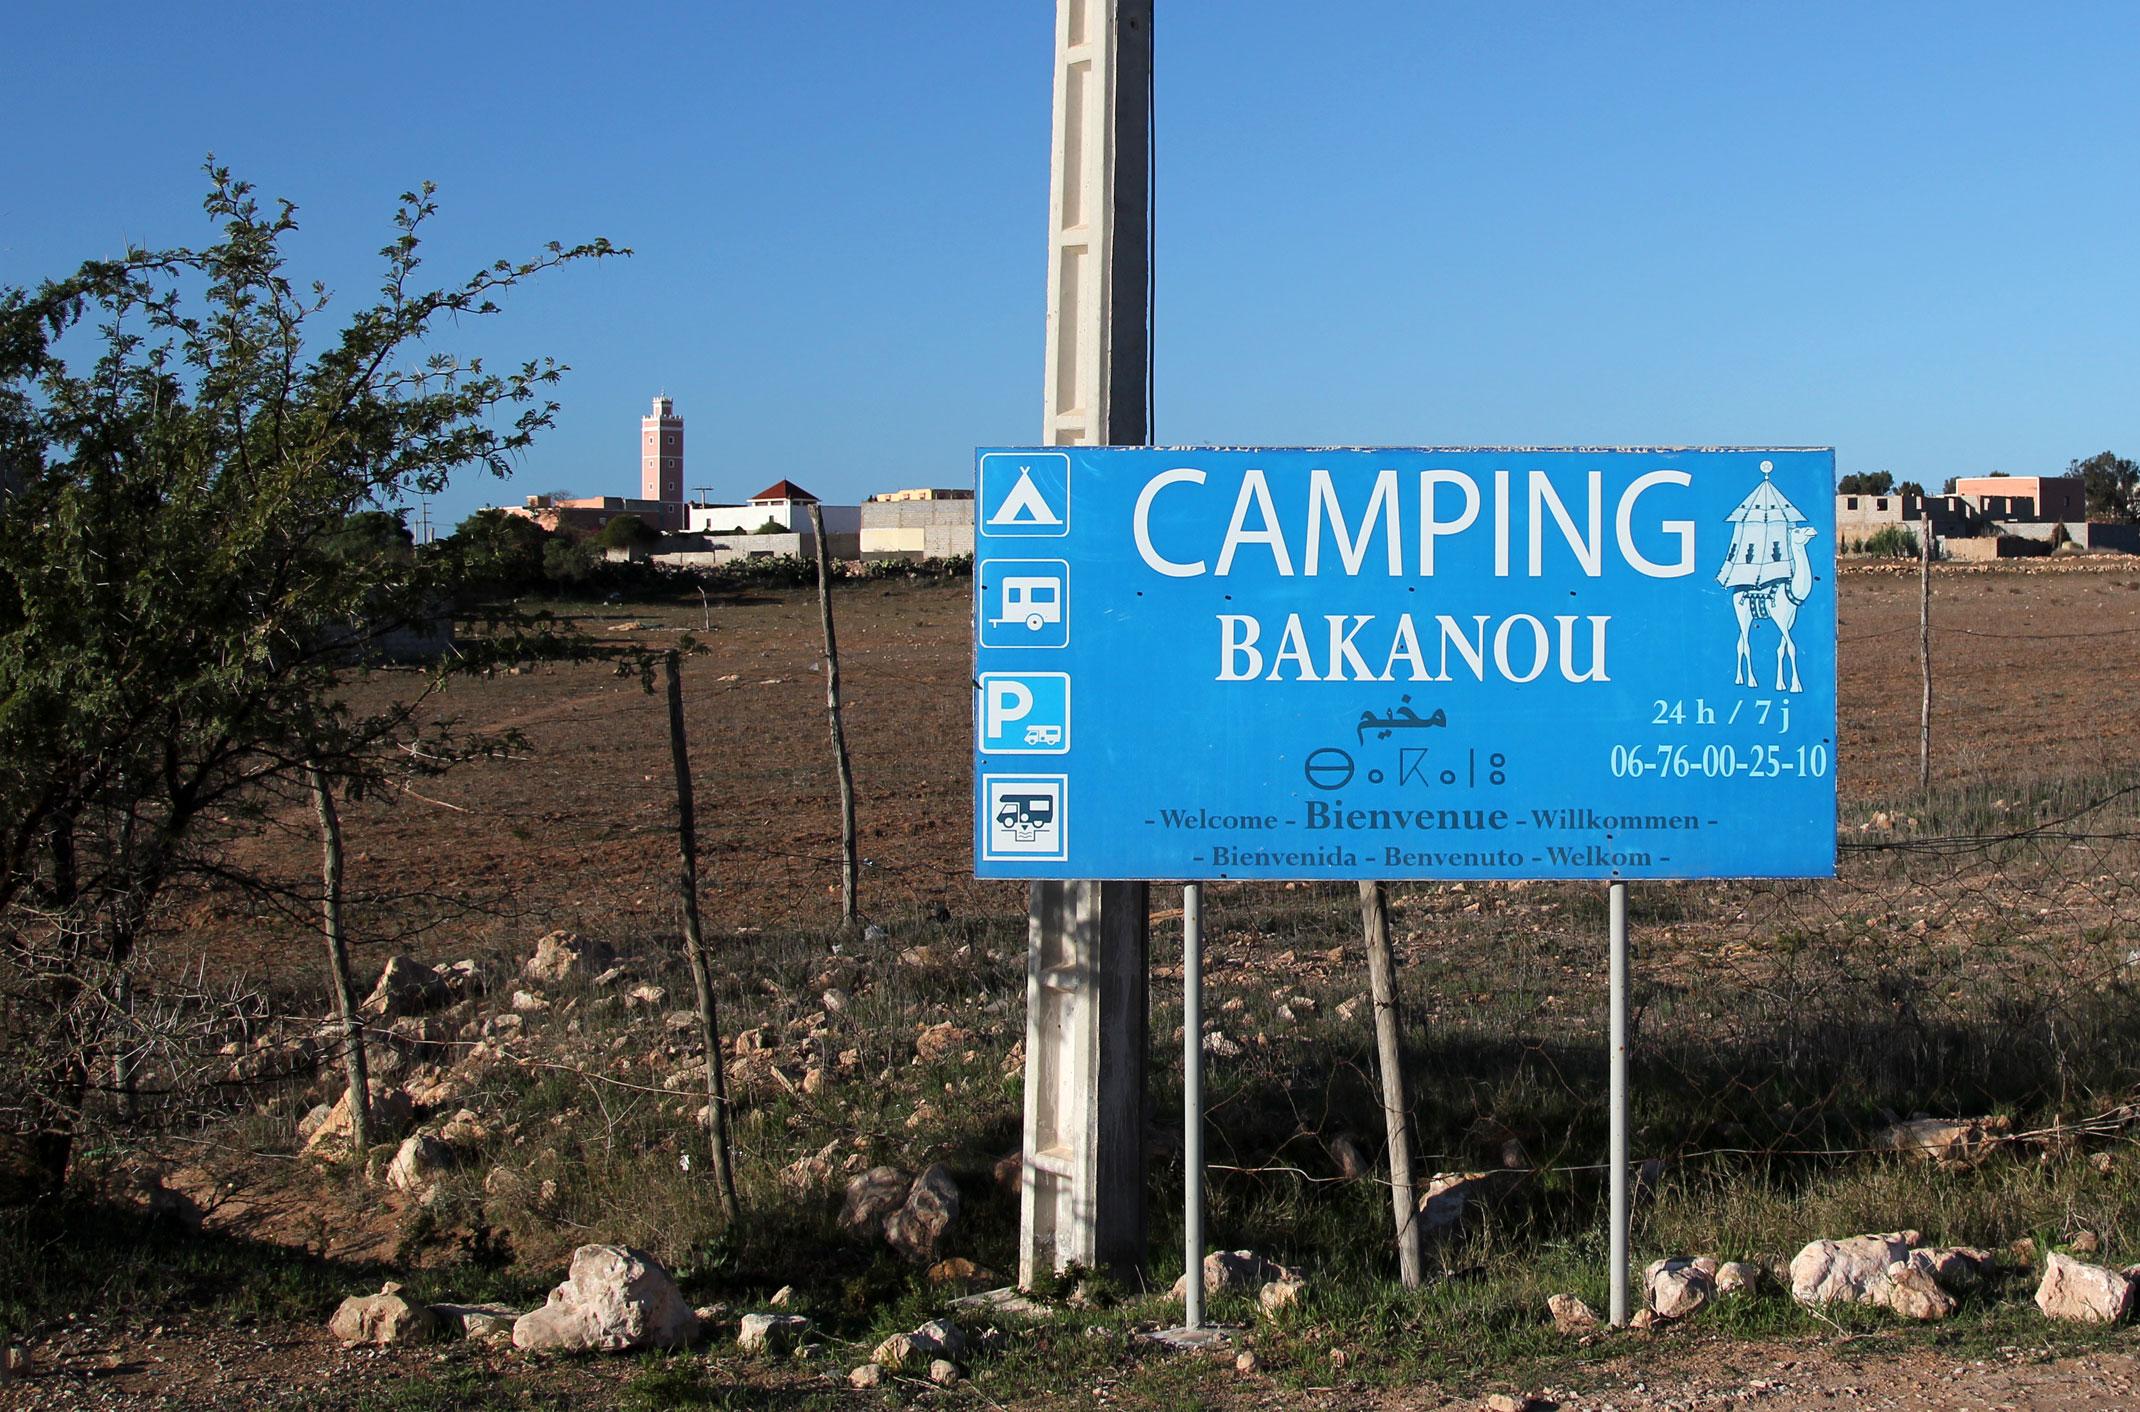 Kamping w okolicy Agadiru